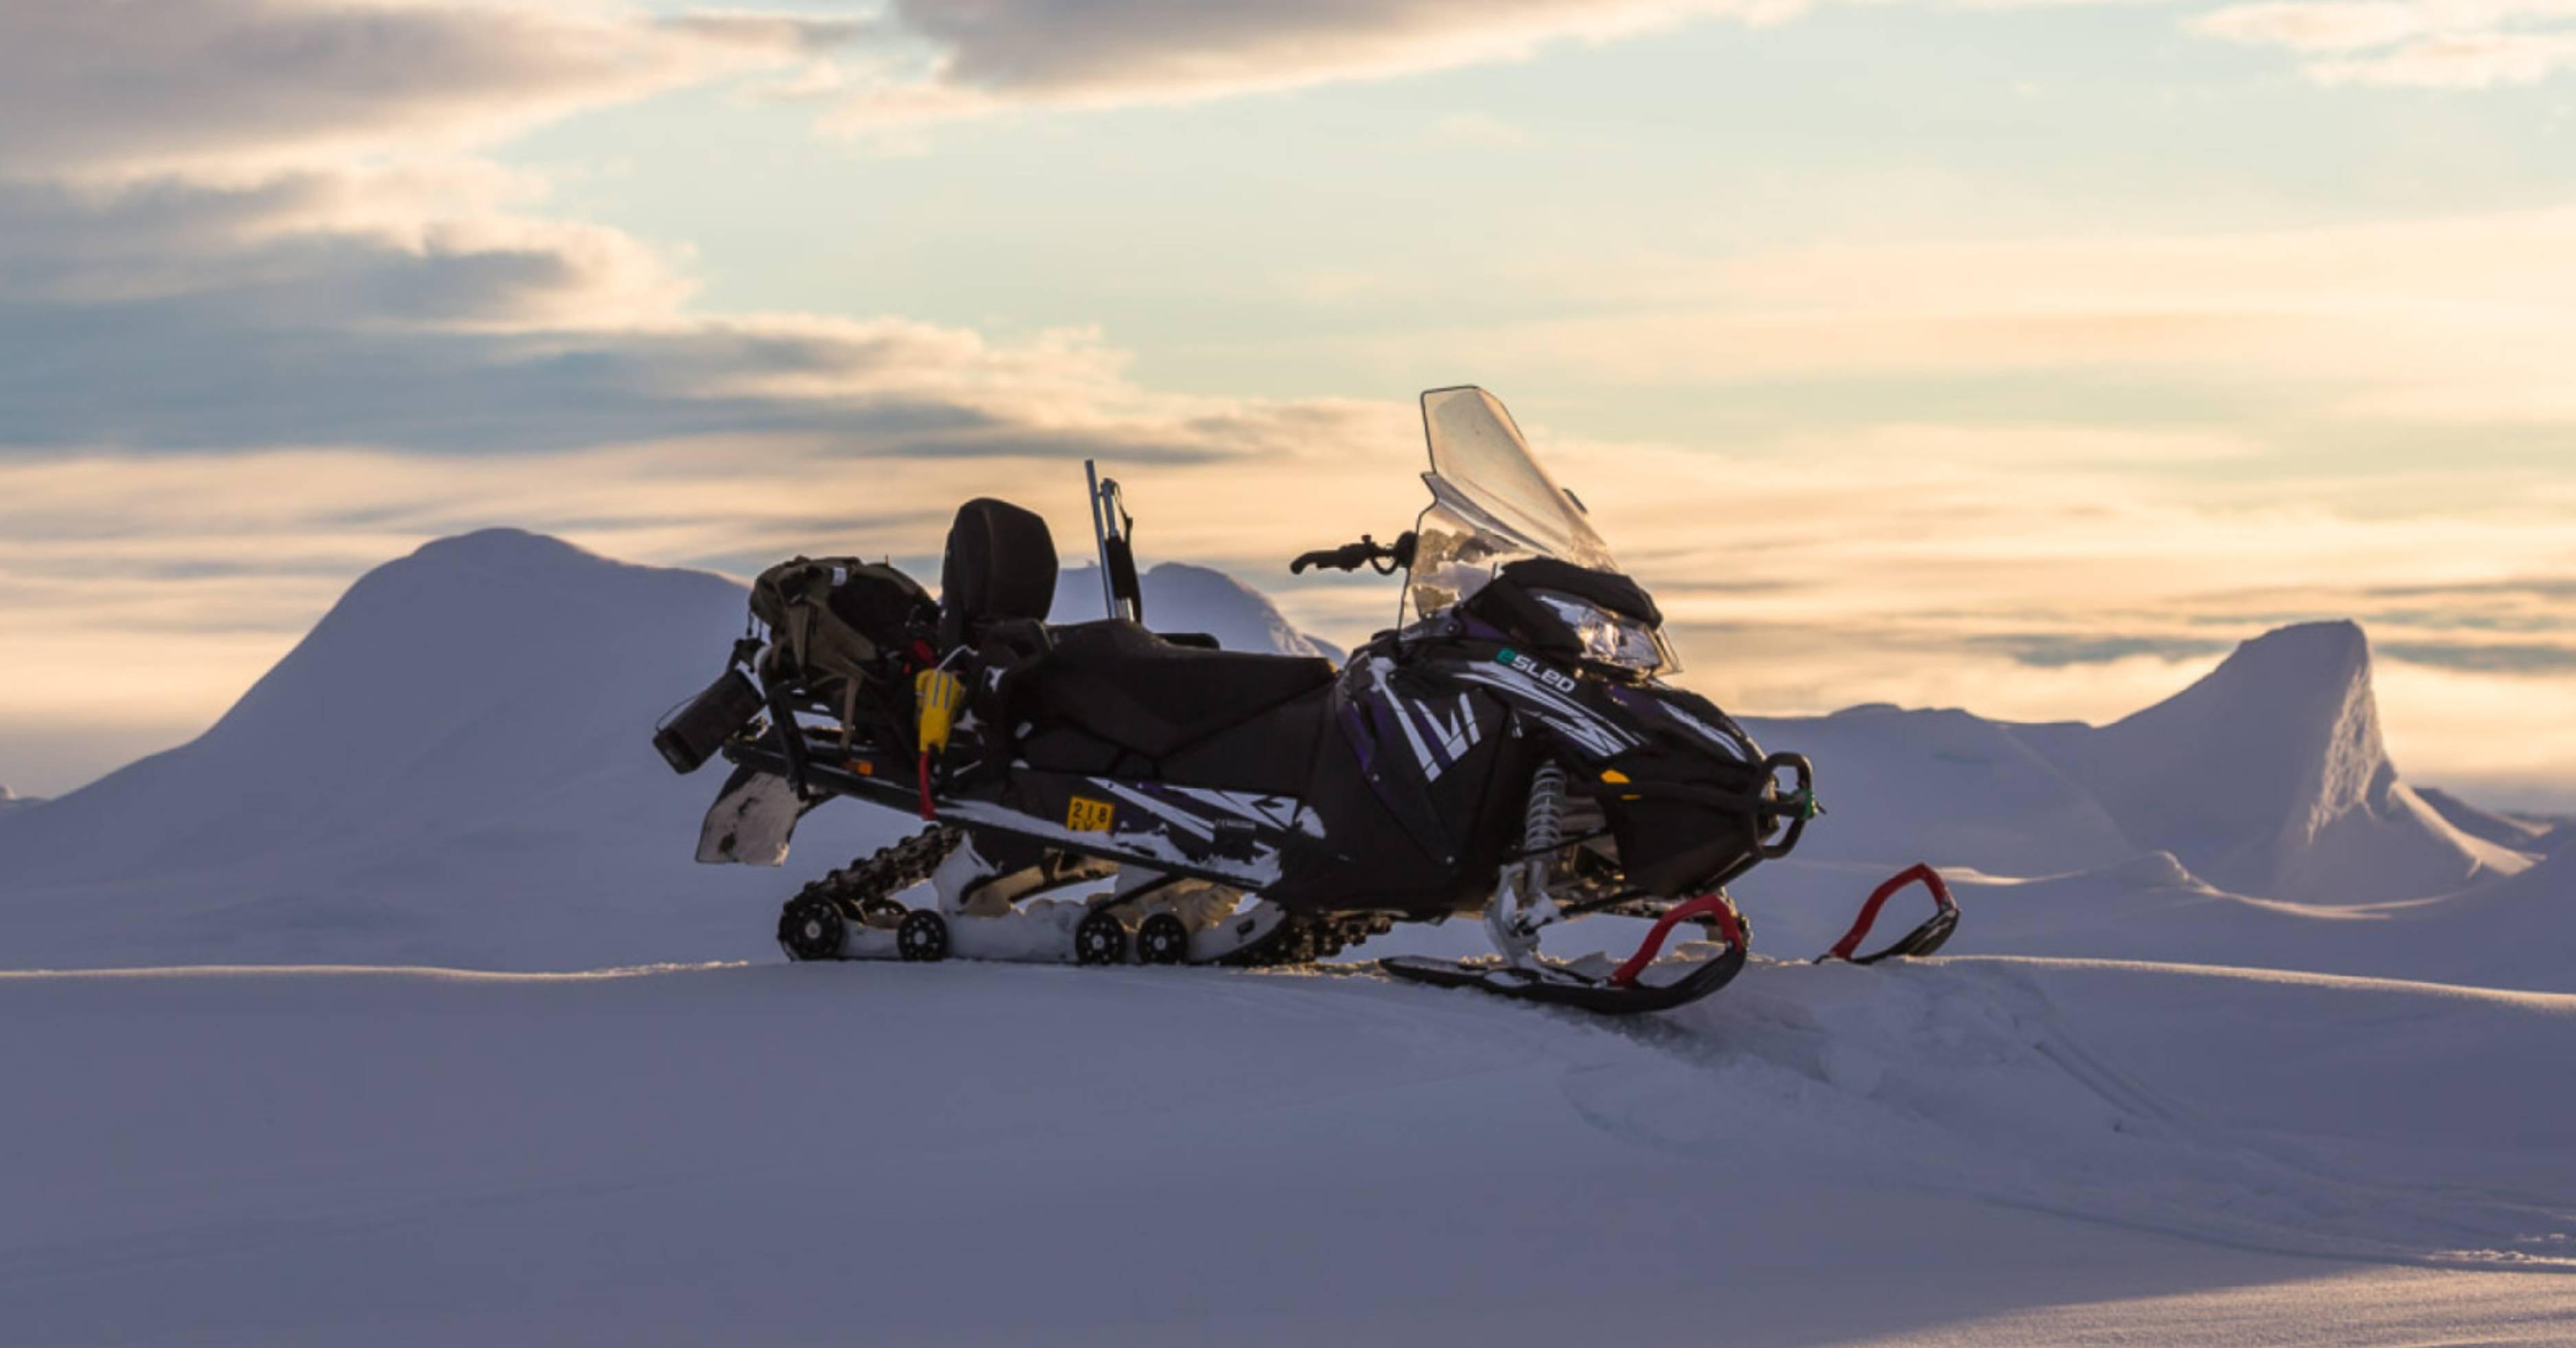 Hurtigruten Introduces New Battery Powered Snowmobiles